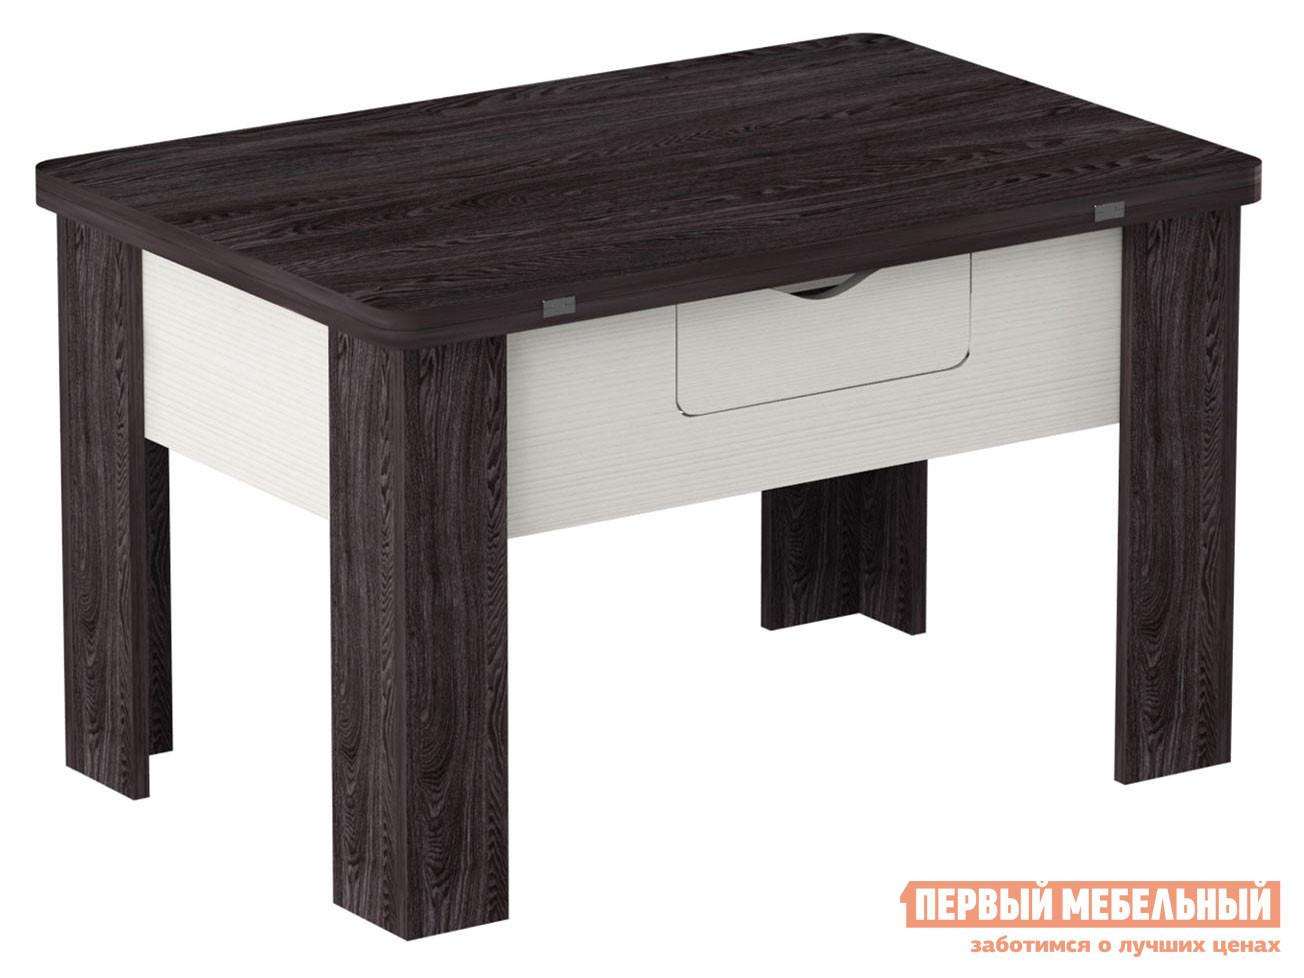 Журнальный столик  Стол трансформер Стэп 3 Ясень черный / Бодега белый Мебвилл 110434